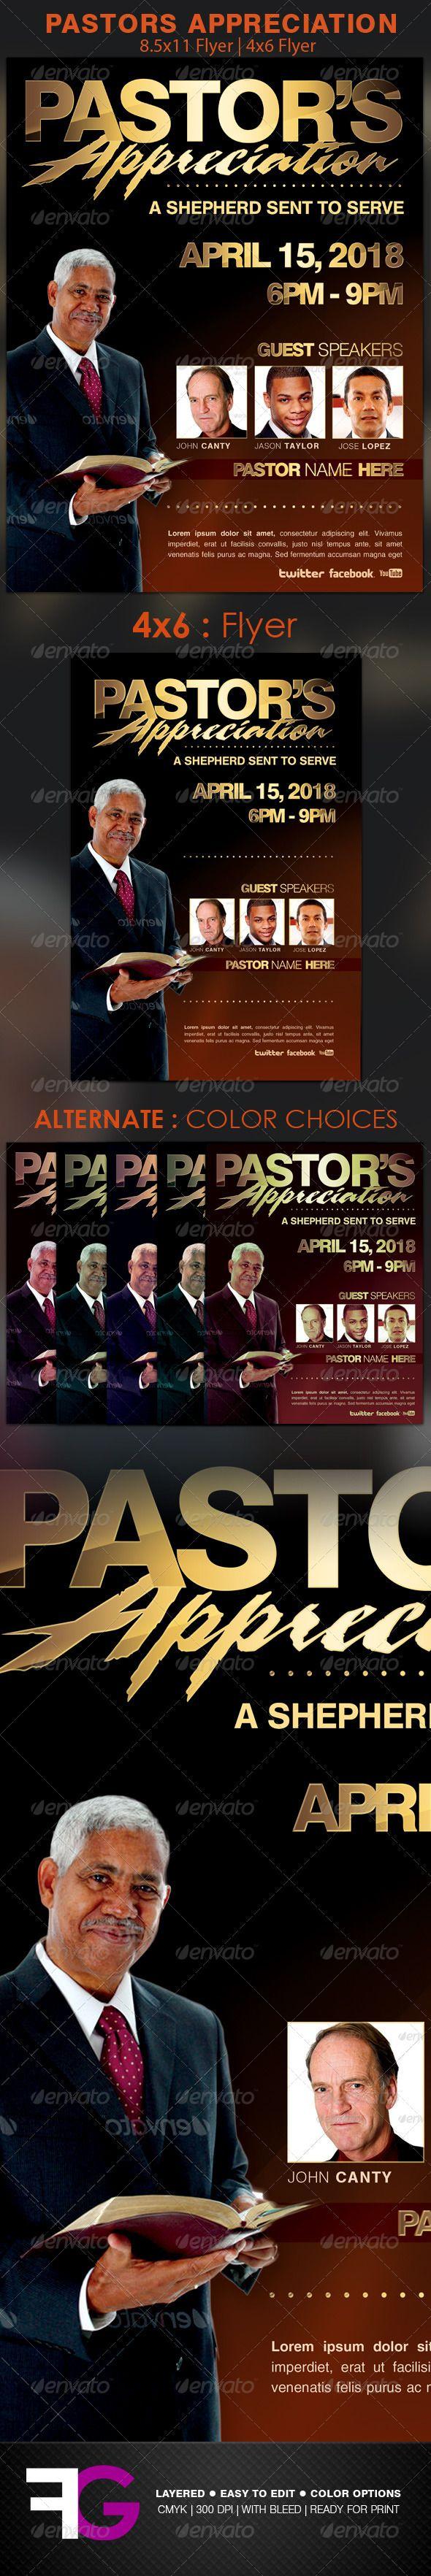 pastors appreciation church flyer template